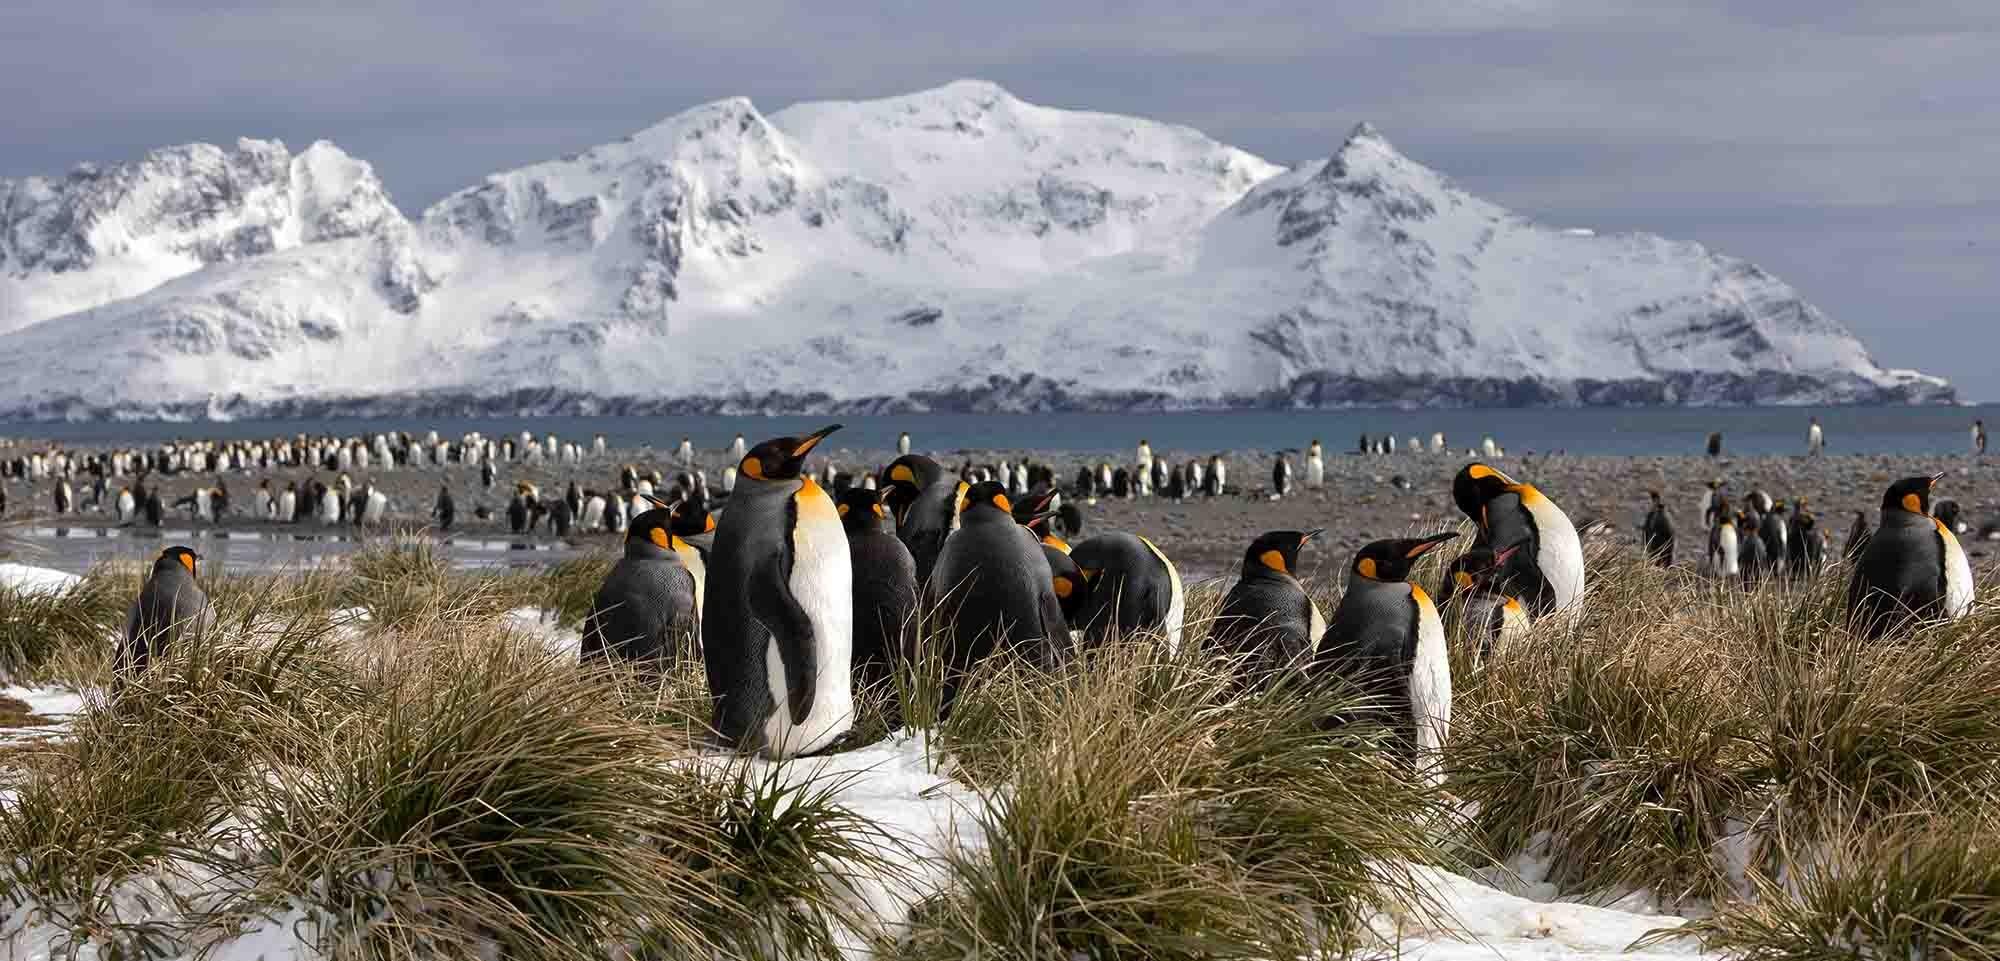 Best of Antarctica (New Year in Antartica)